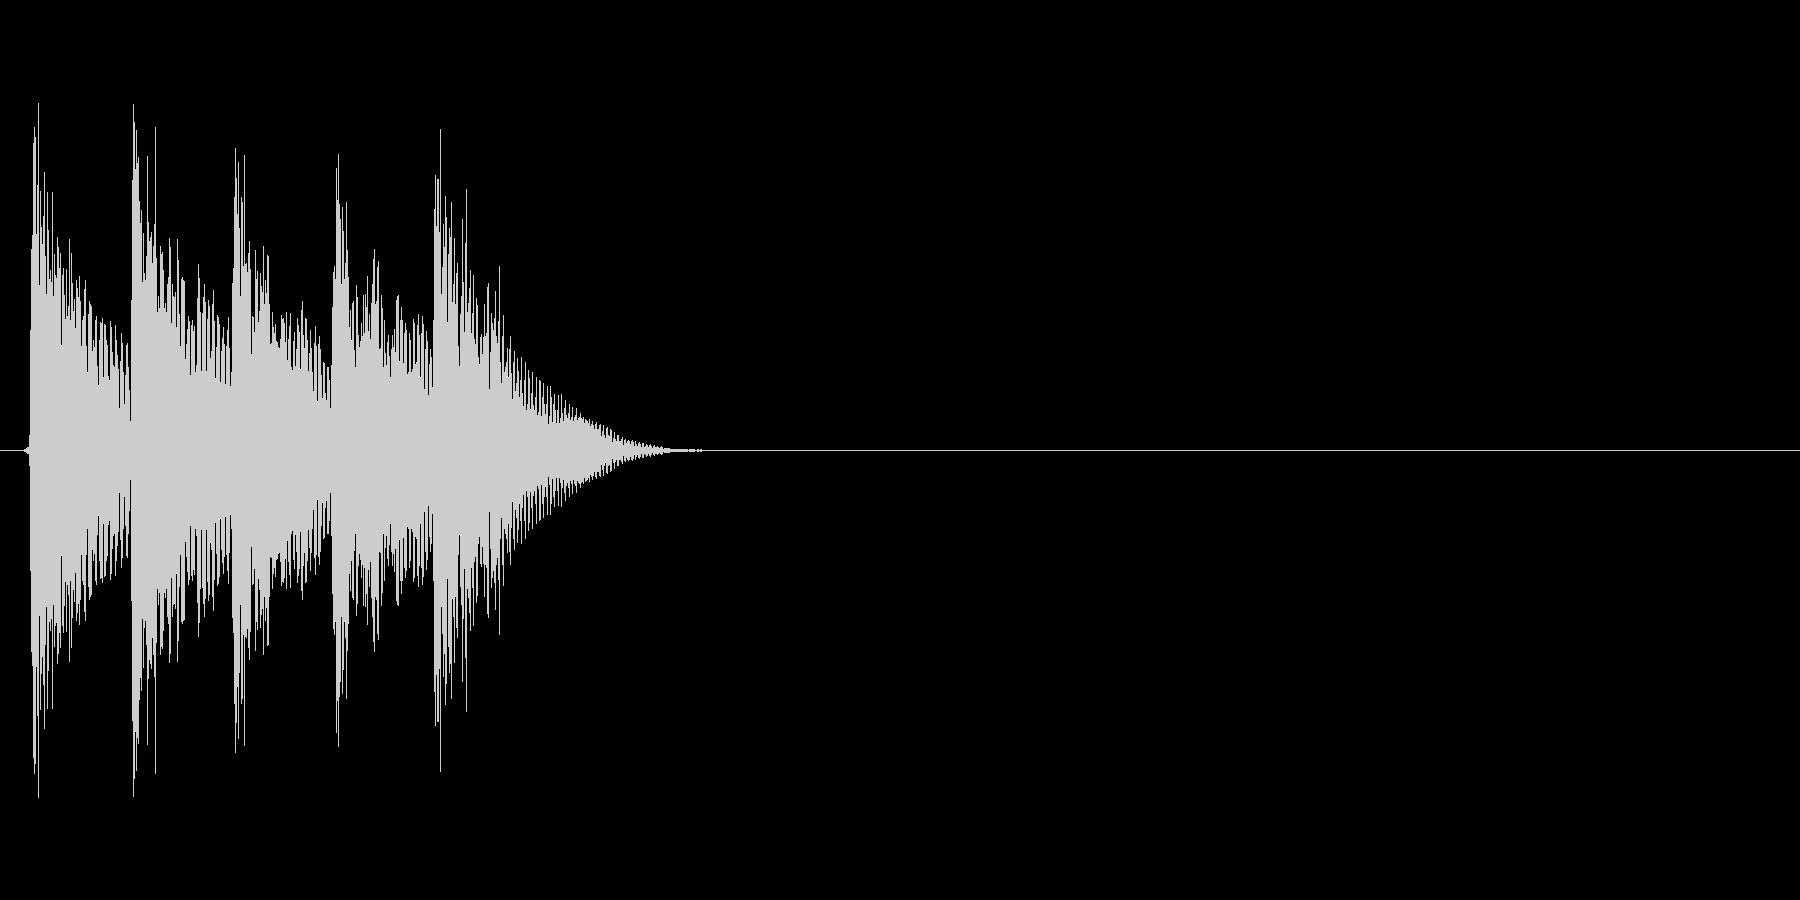 タララララン↑(場面転換、自然、低め)の未再生の波形